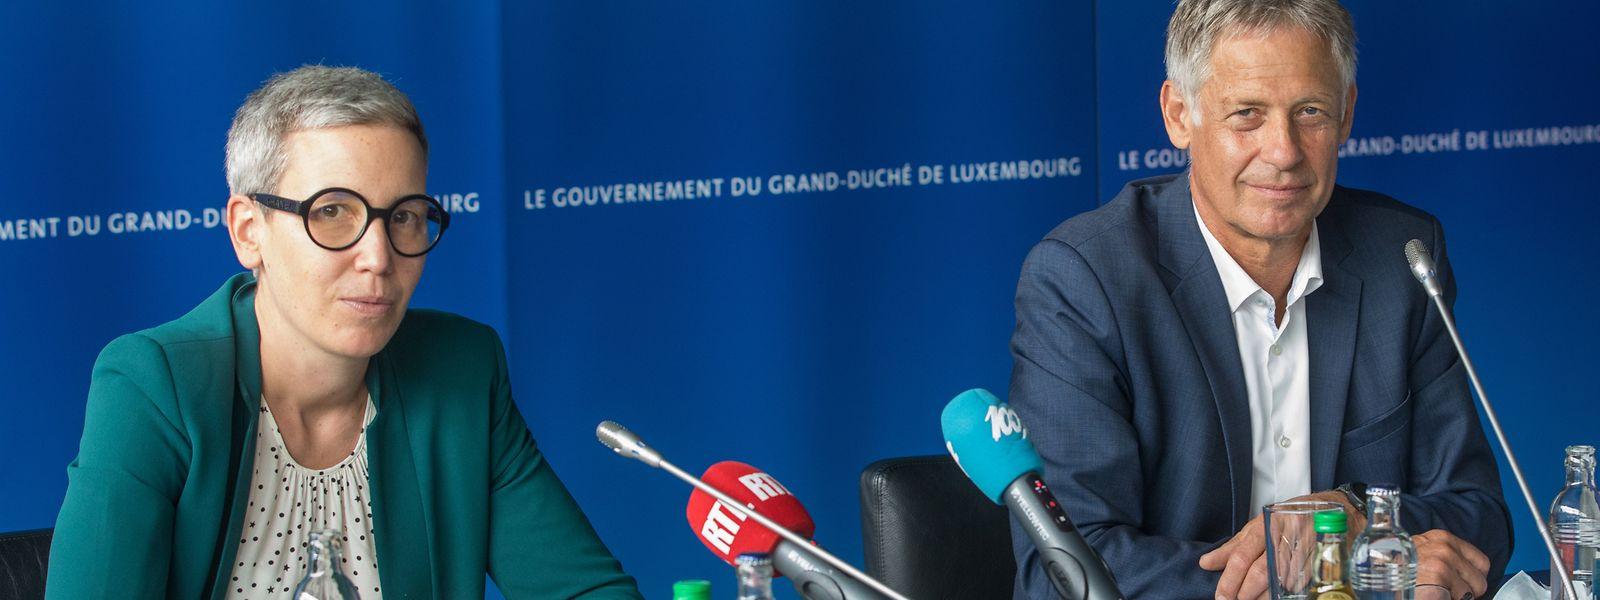 Justizministerin Sam Tanson präsentierte am Mittwoch zusammen mit Polizeiminister Henri Kox das Jucha-Gesetz.